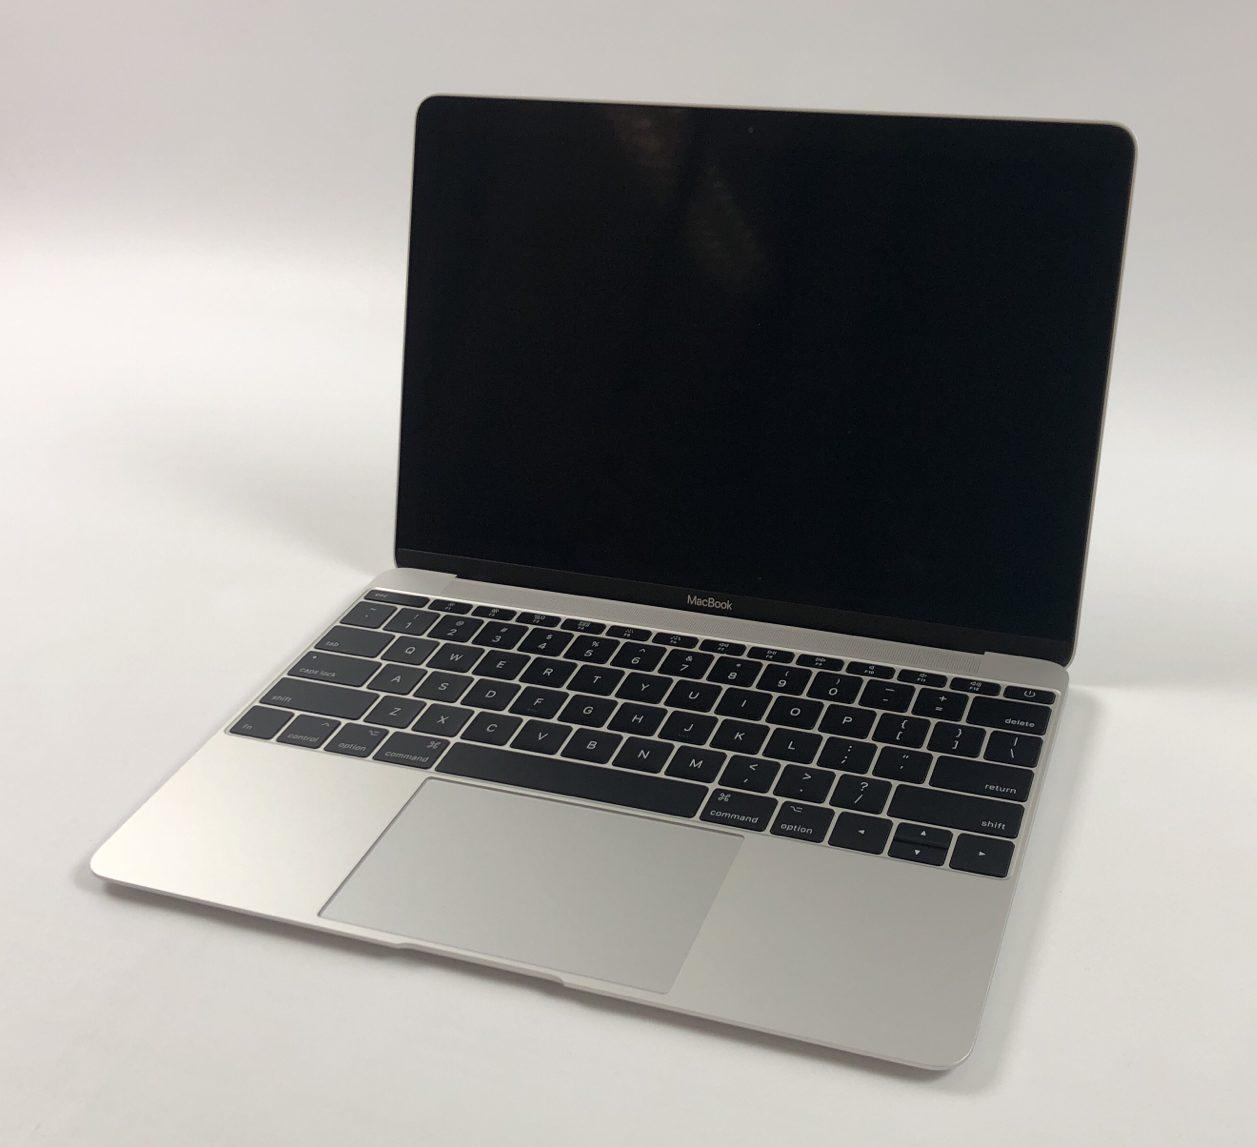 """MacBook 12"""" Mid 2017 (Intel Core i5 1.3 GHz 8 GB RAM 512 GB SSD), Silver, Intel Core i5 1.3 GHz, 8 GB RAM, 512 GB SSD, Bild 1"""